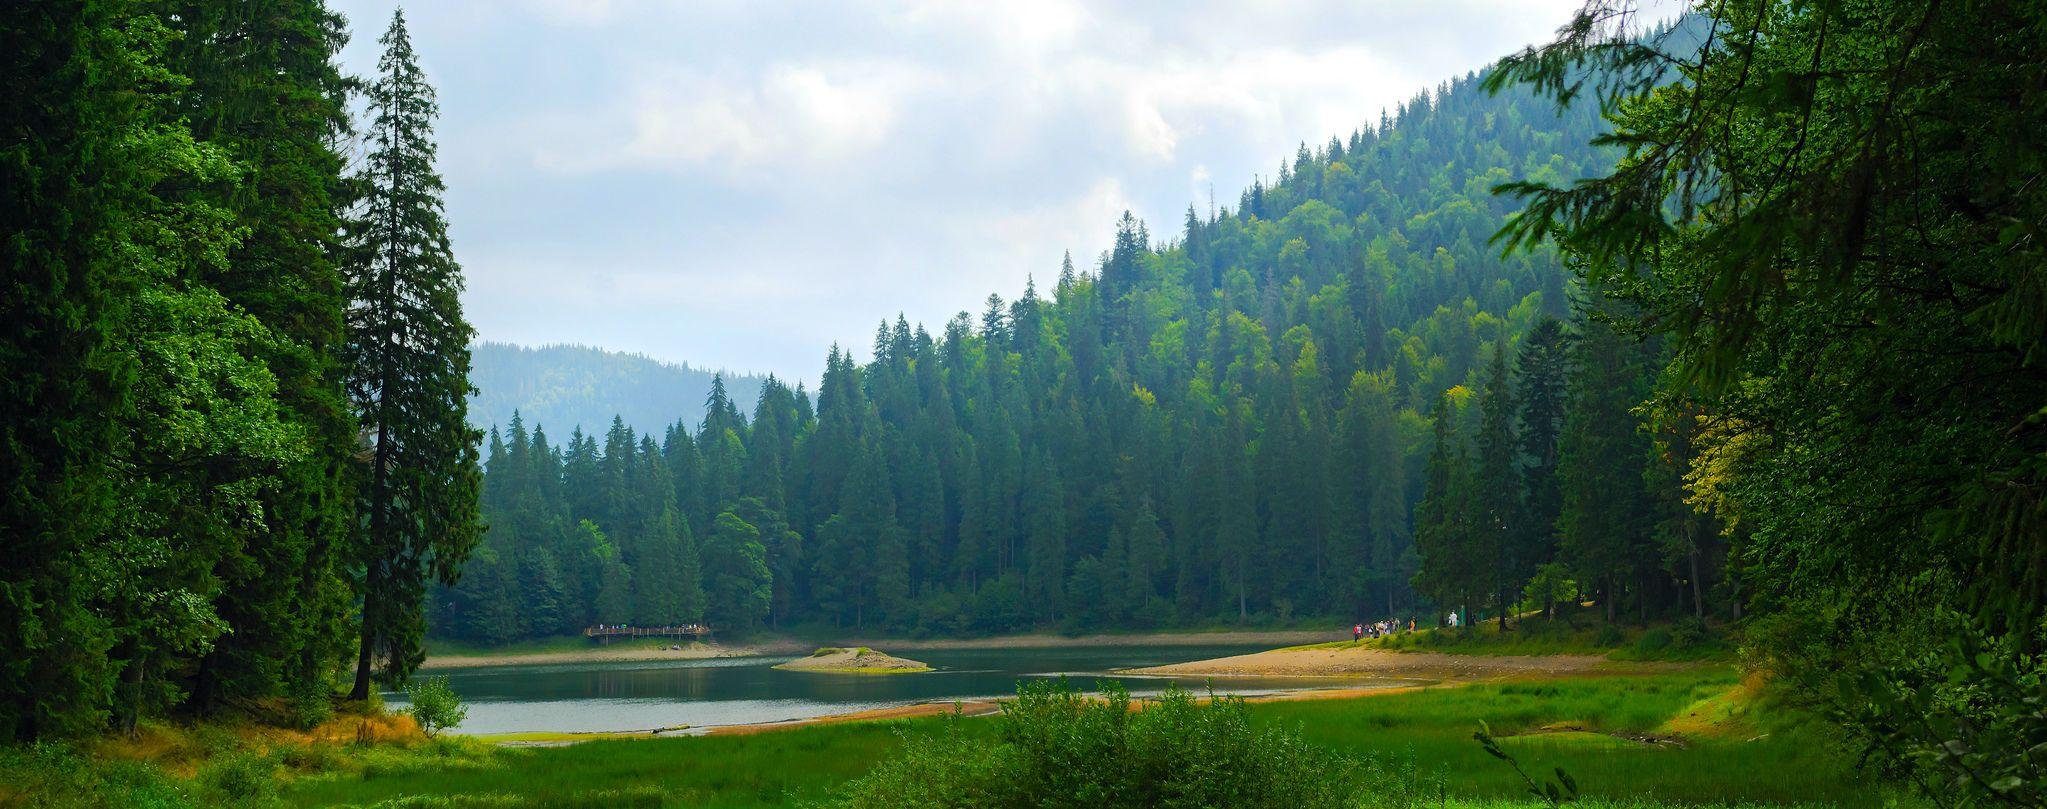 Озеро Синевир_08